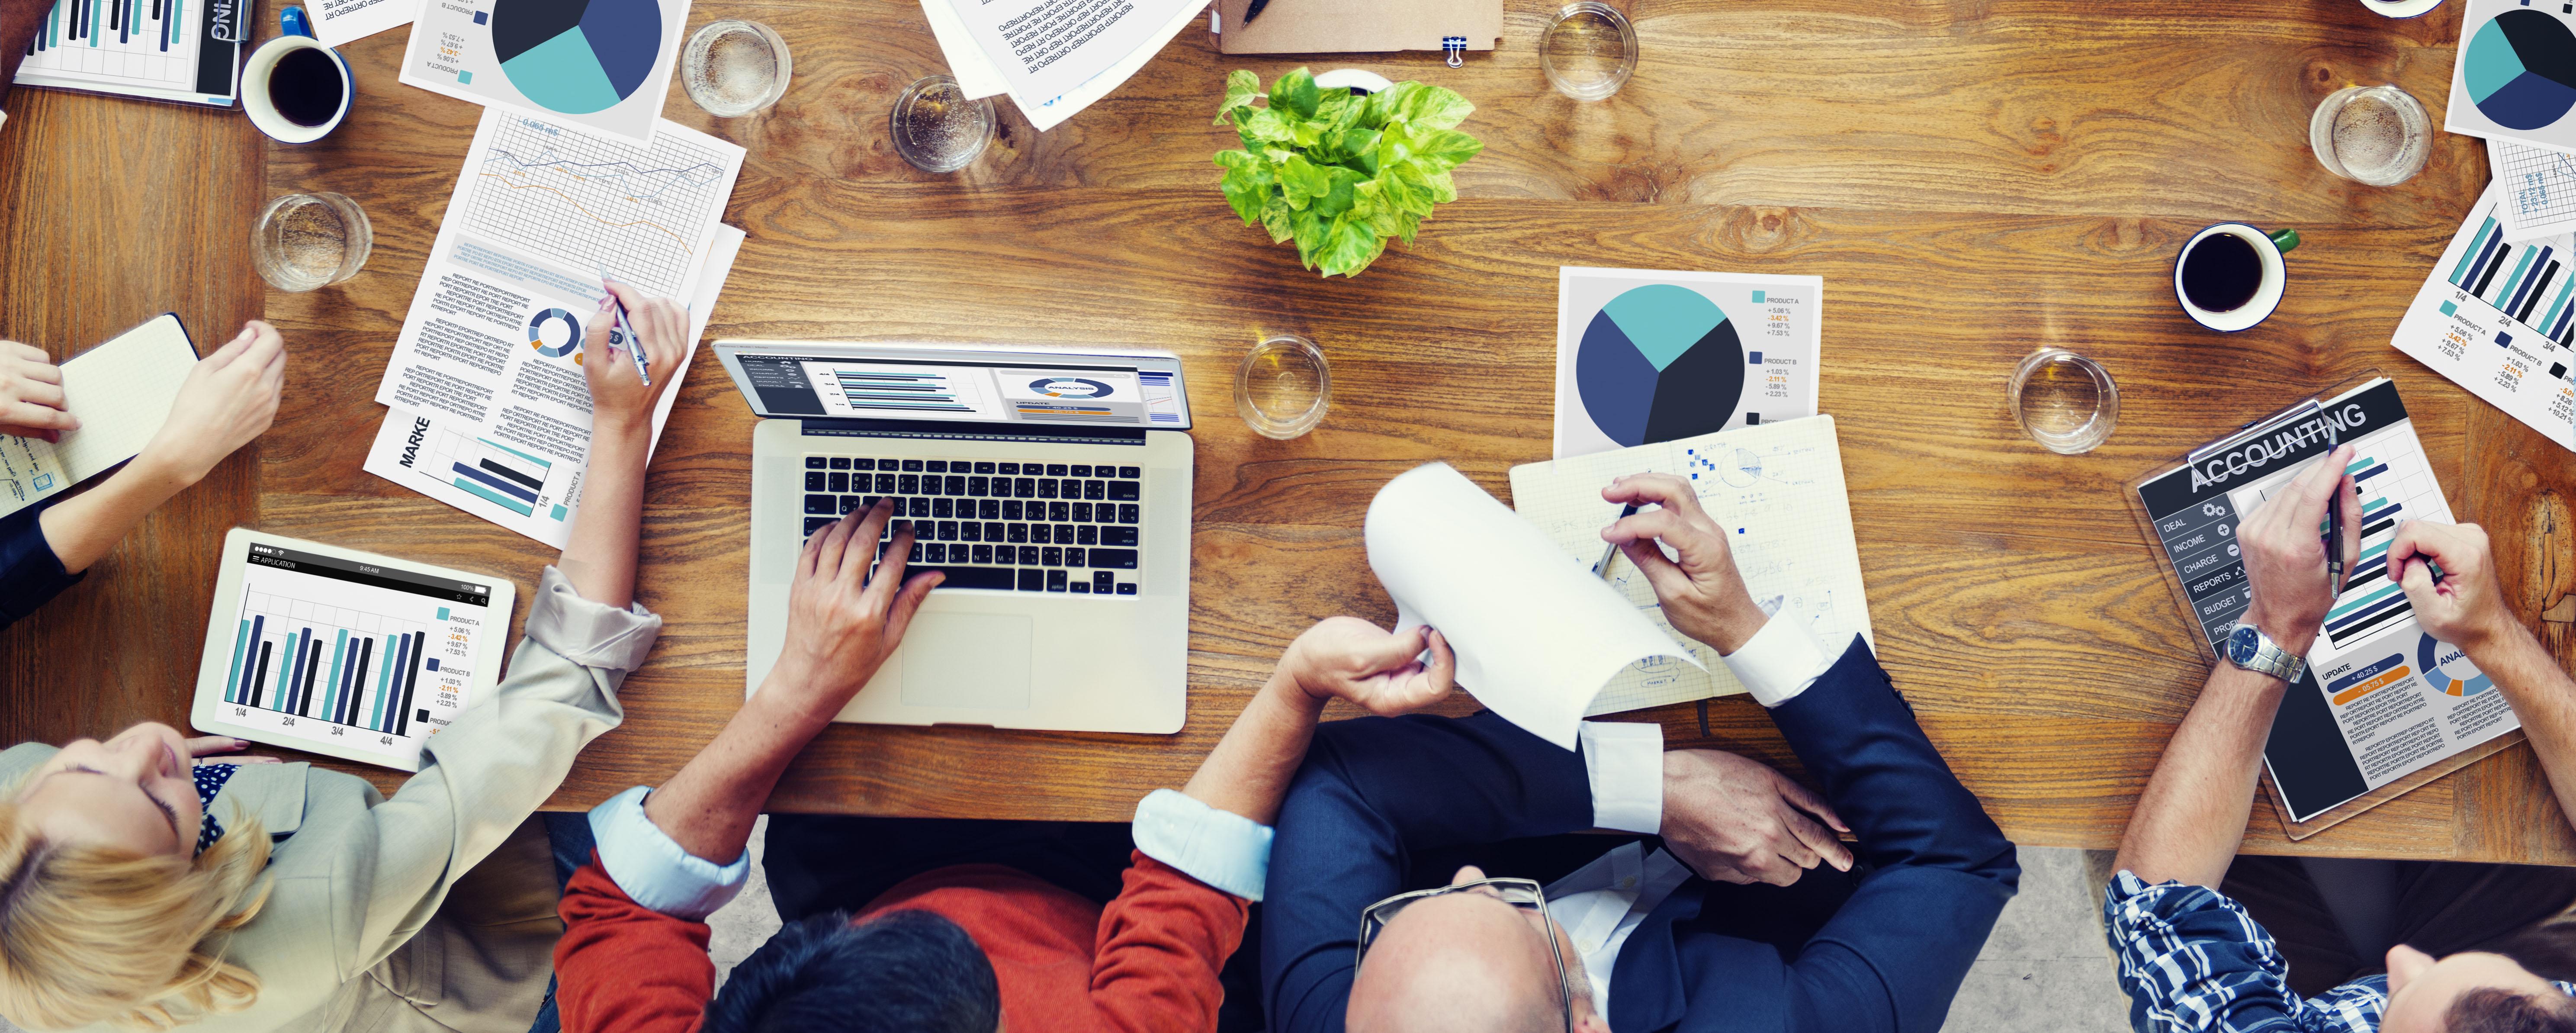 Marketing industrial 8 tipos de contenidos para aumentar las ventas.jpg